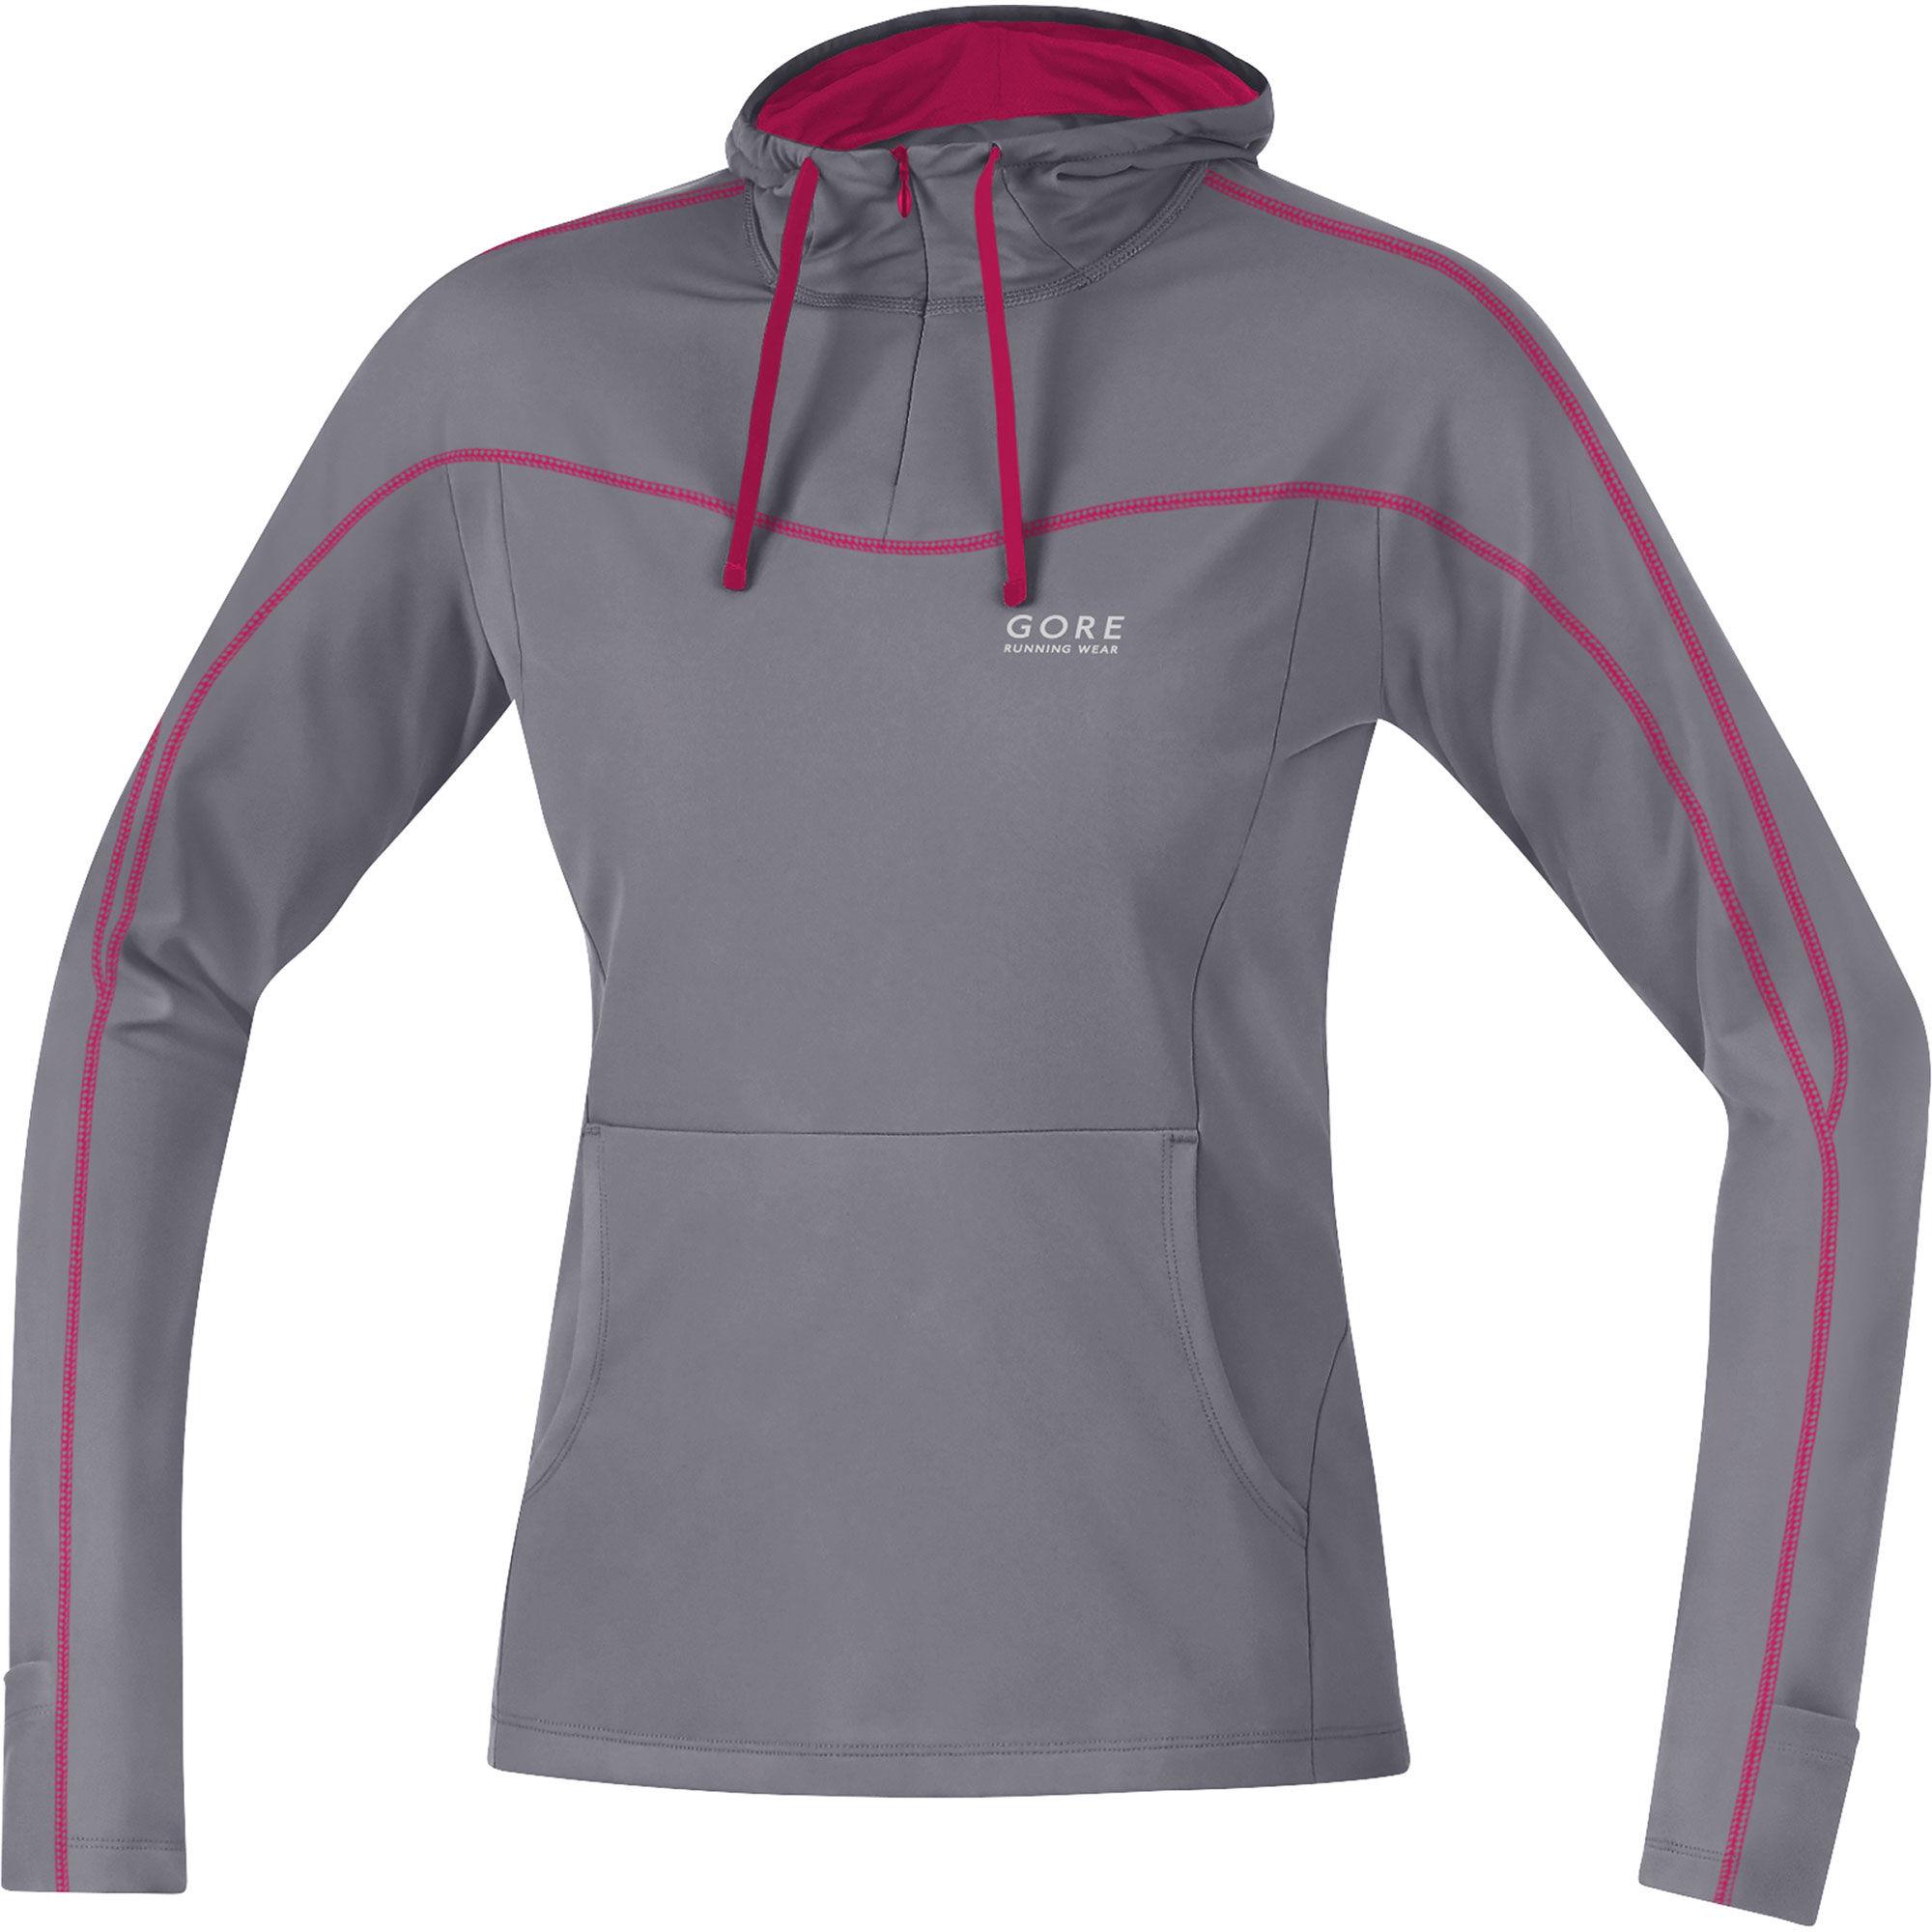 Gore Essential Lady Hoody in Grau Pink